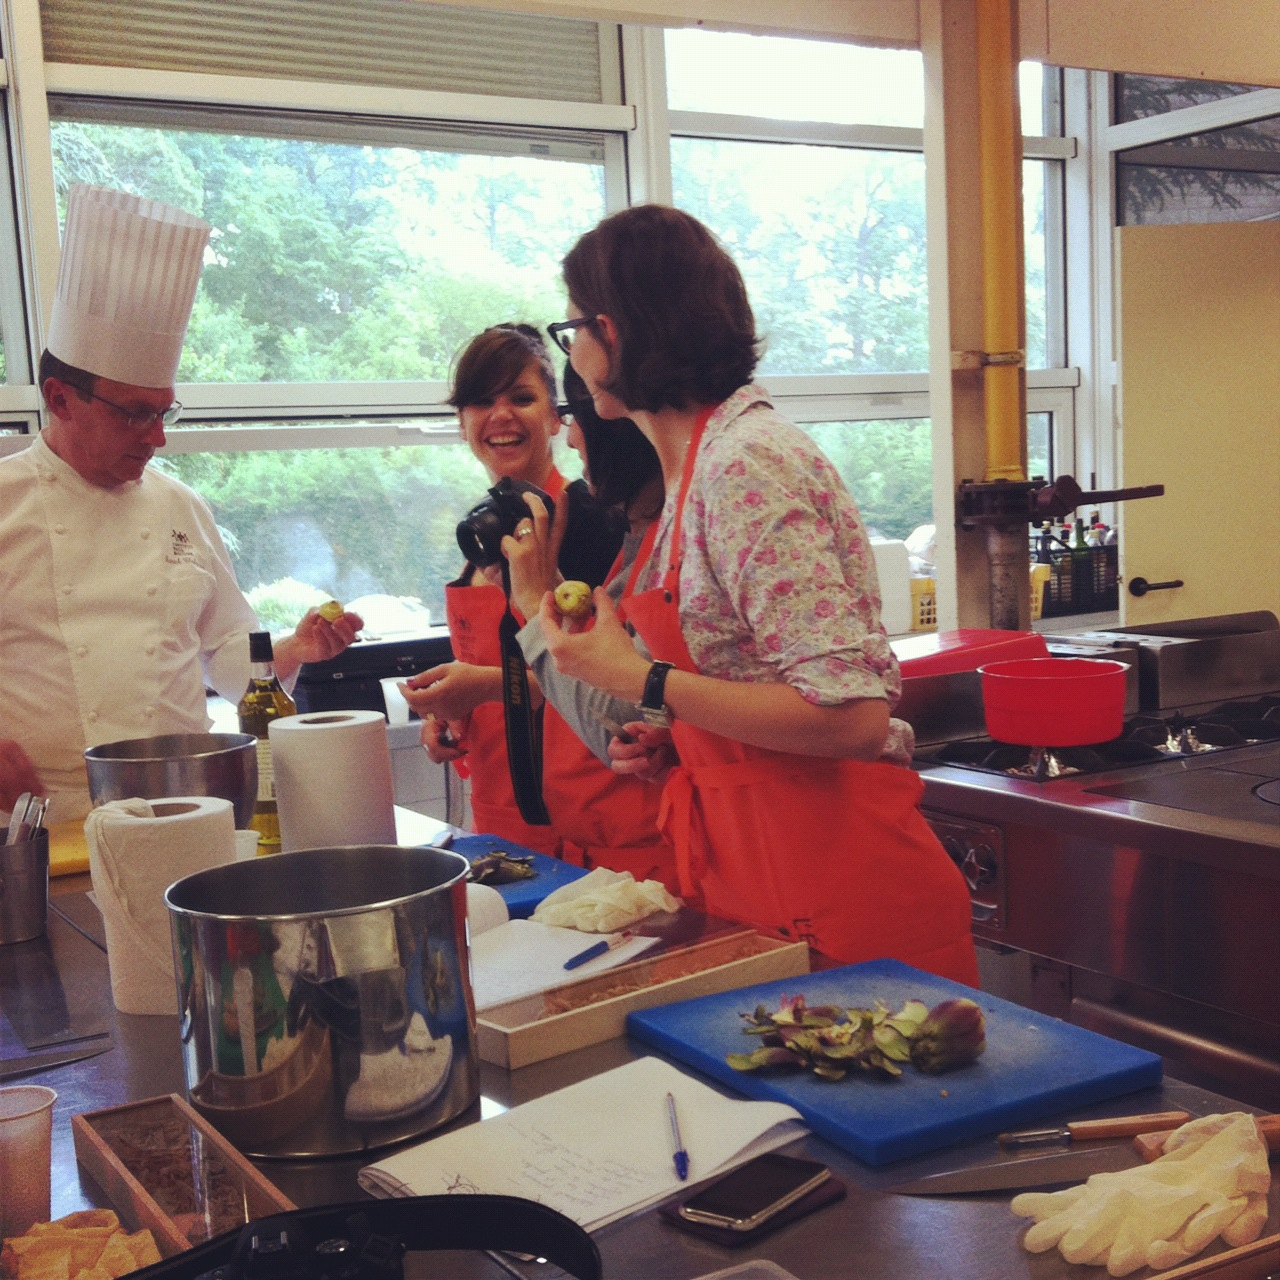 043 le blog de camille - Cours de cuisine bocuse ...